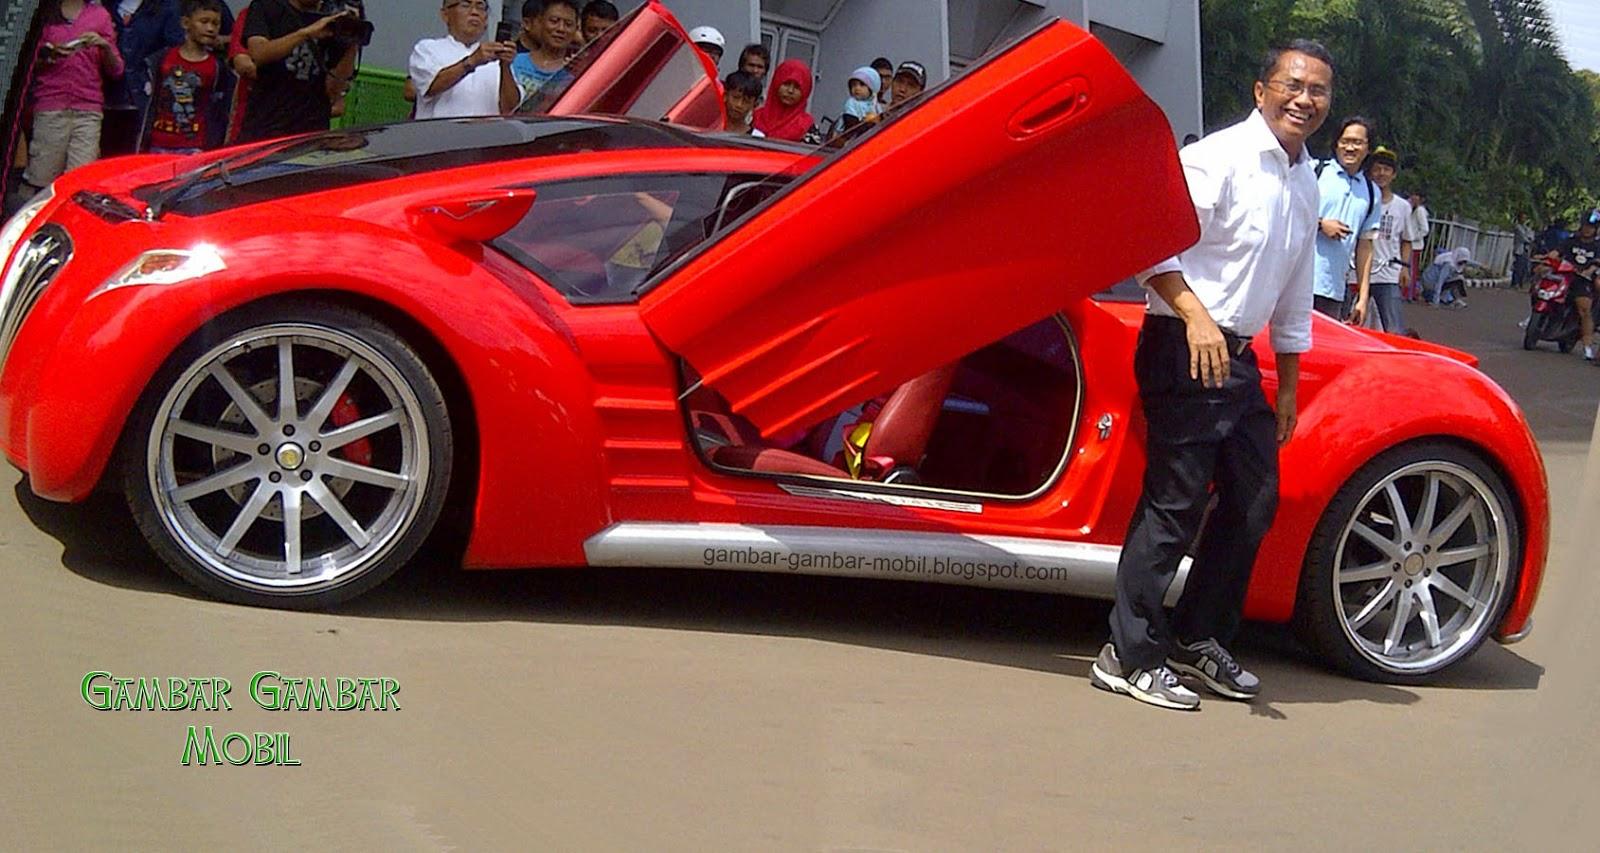 Gambar mobil indonesia  Gambar Gambar Mobil